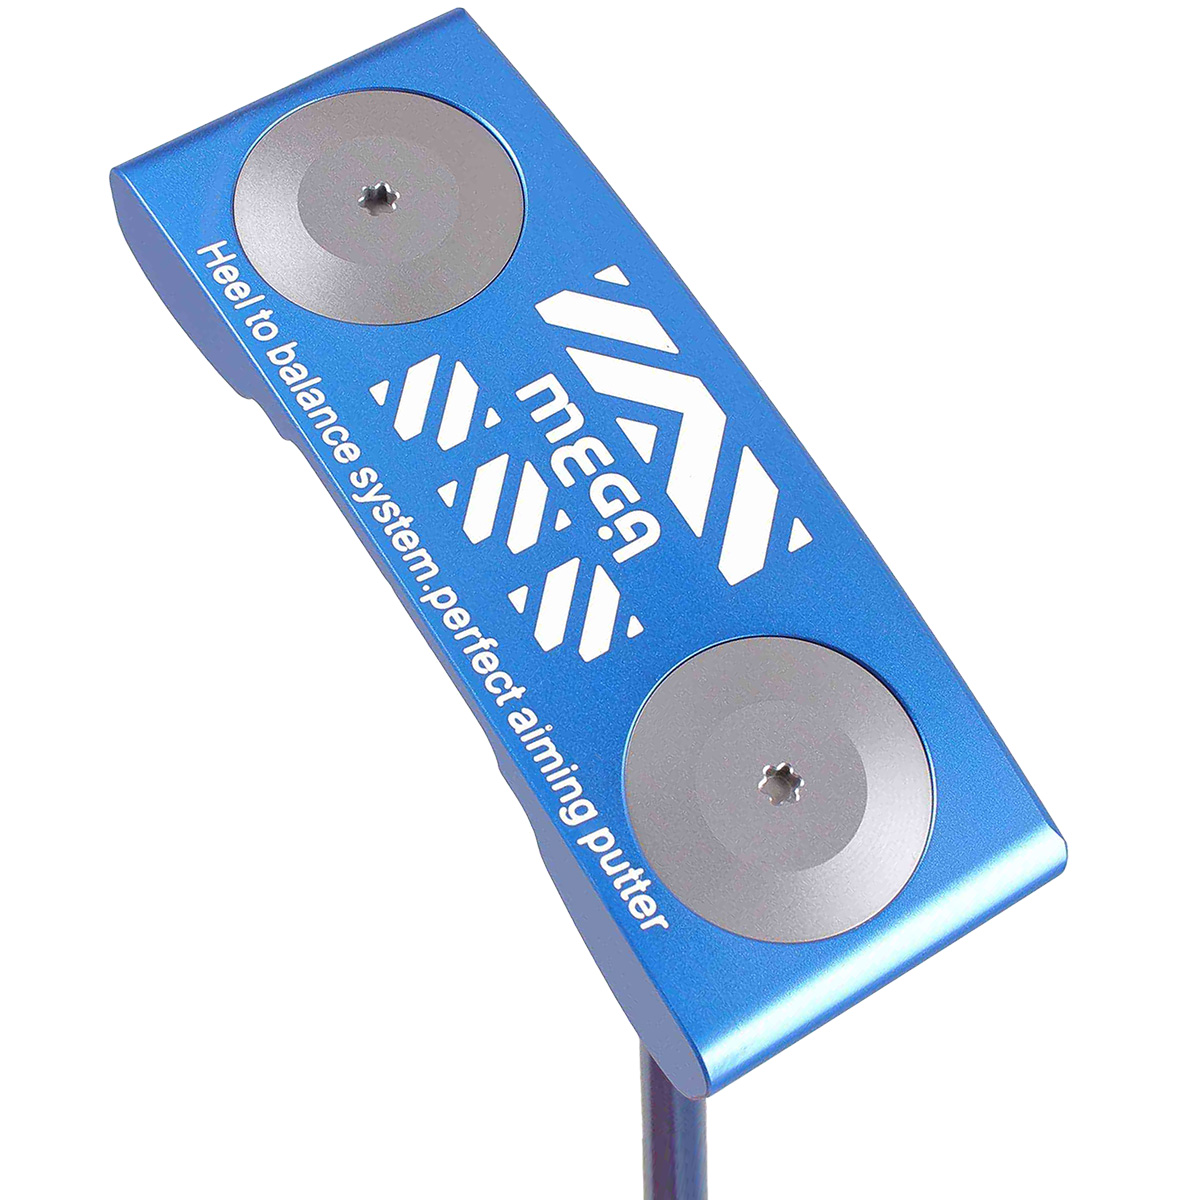 MEGA メガパーフェクトエイミングパター ブルー